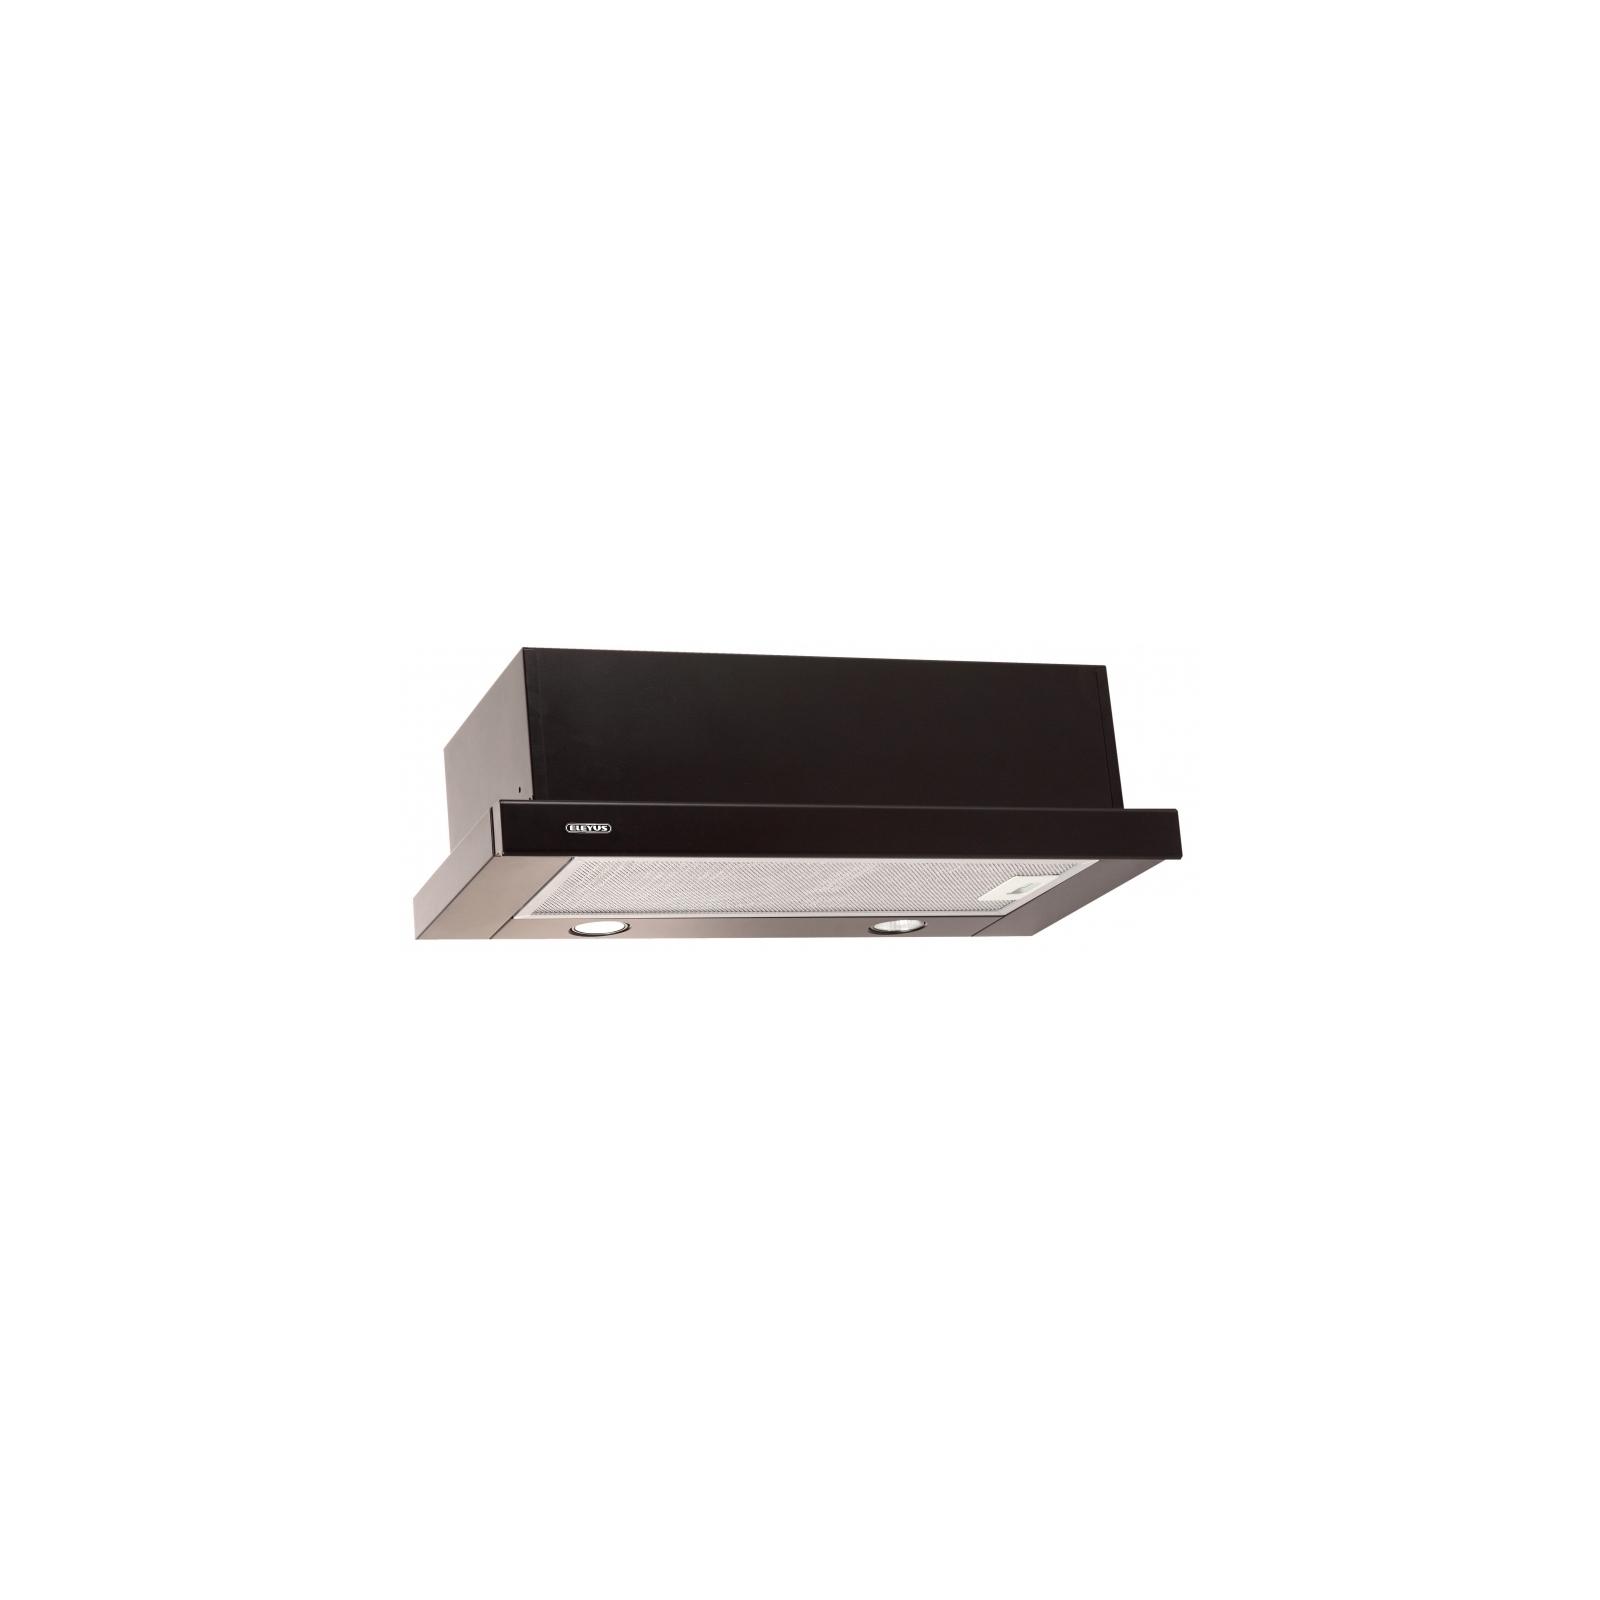 Вытяжка кухонная ELEYUS Storm 1200 LED 60 BL изображение 3